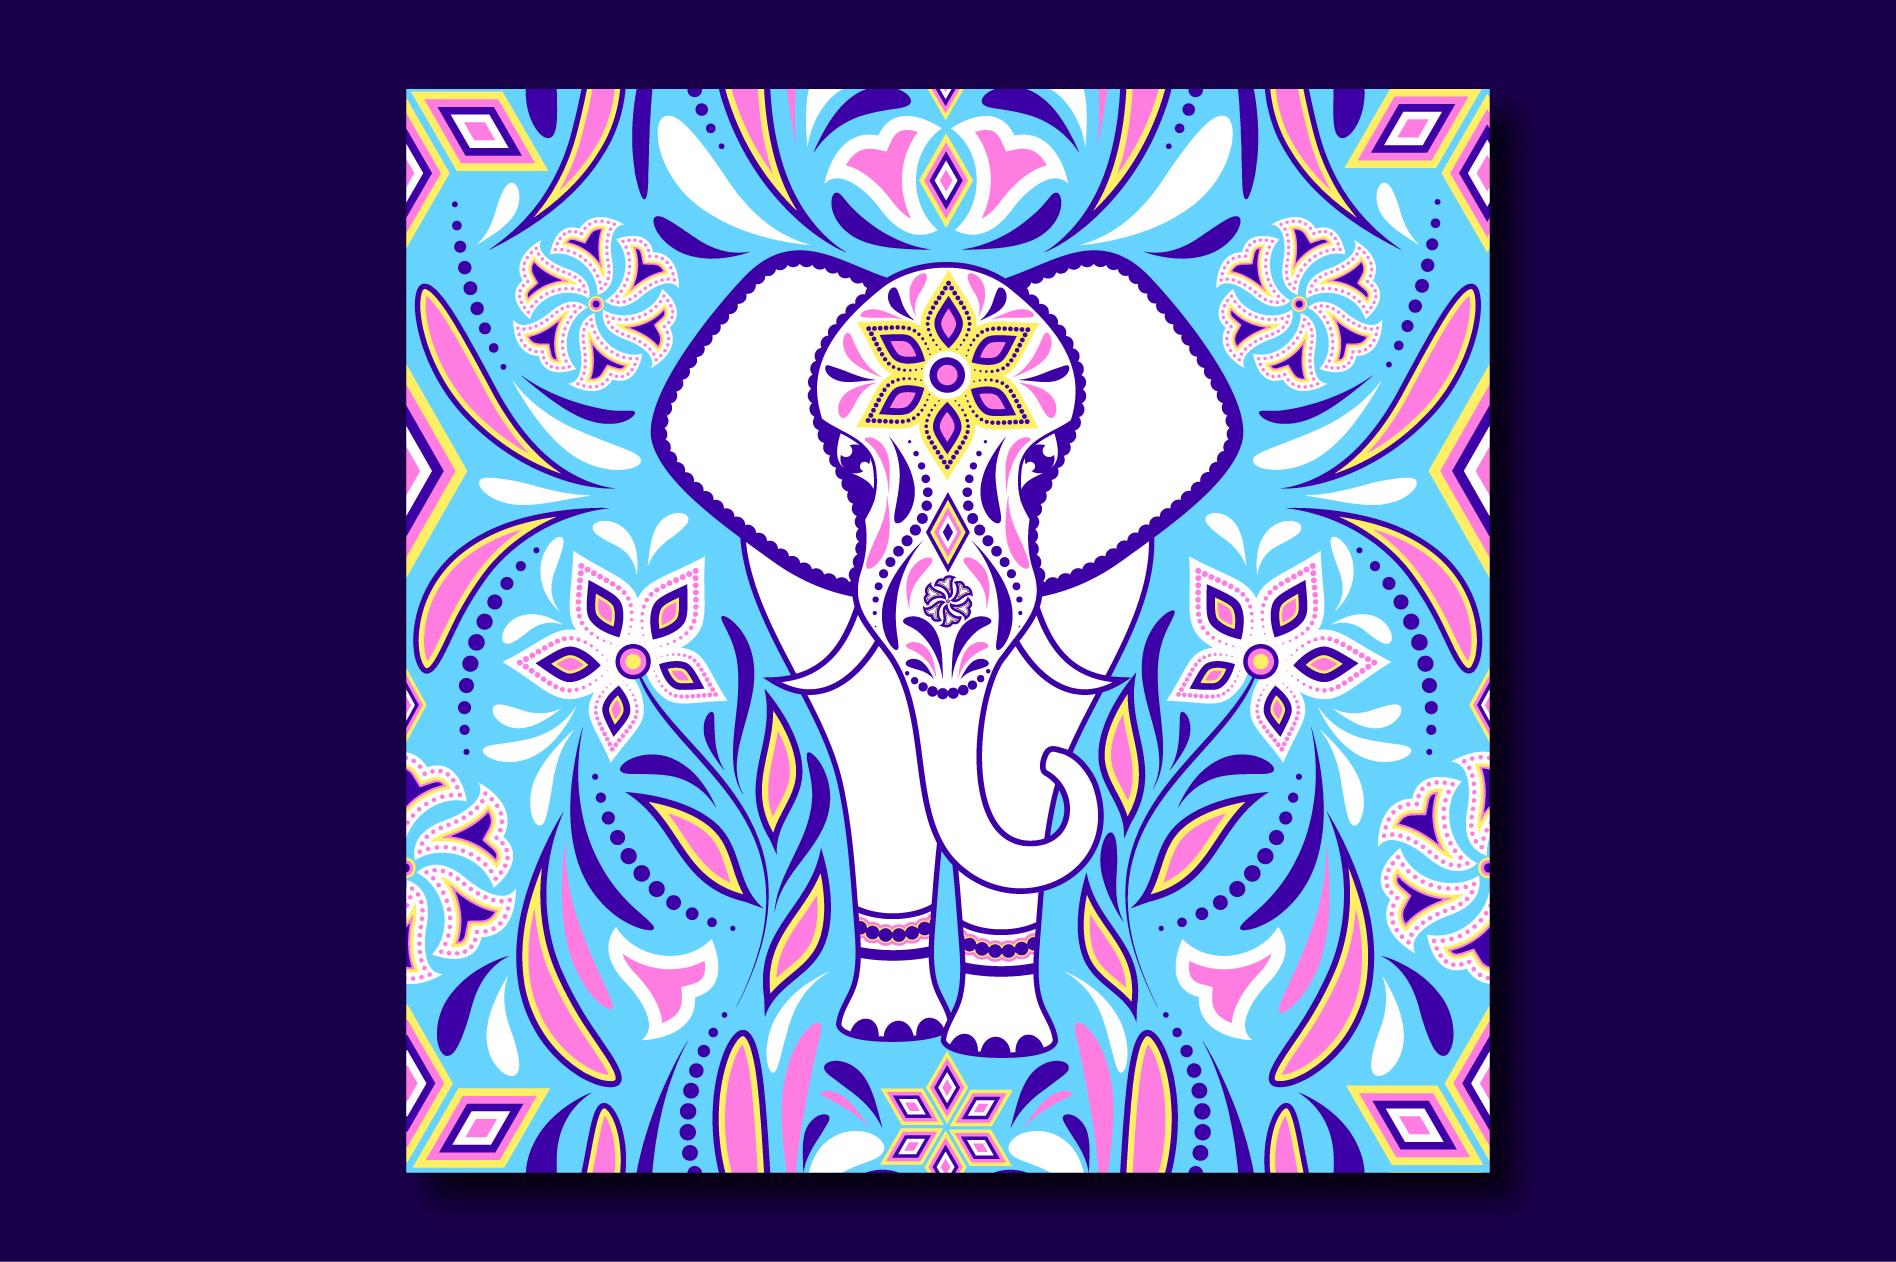 White elephant example image 2